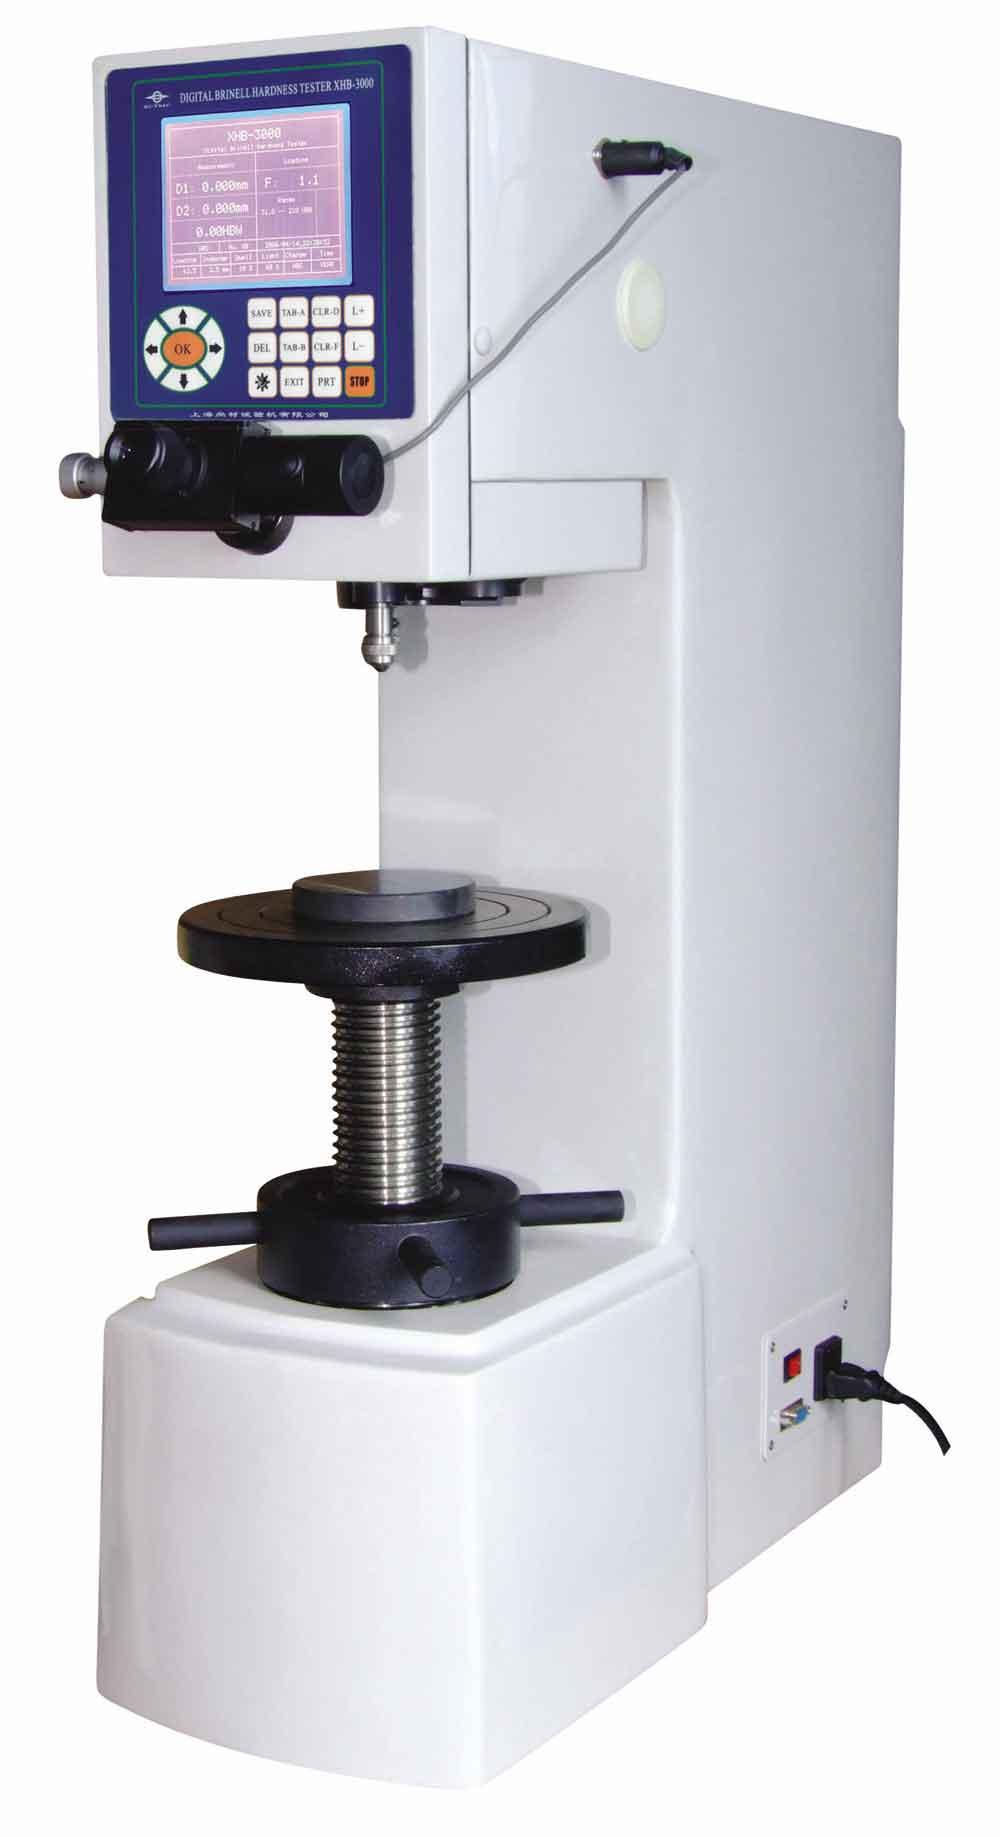 HBS-3000型 数显布氏硬度计(大屏幕数显)